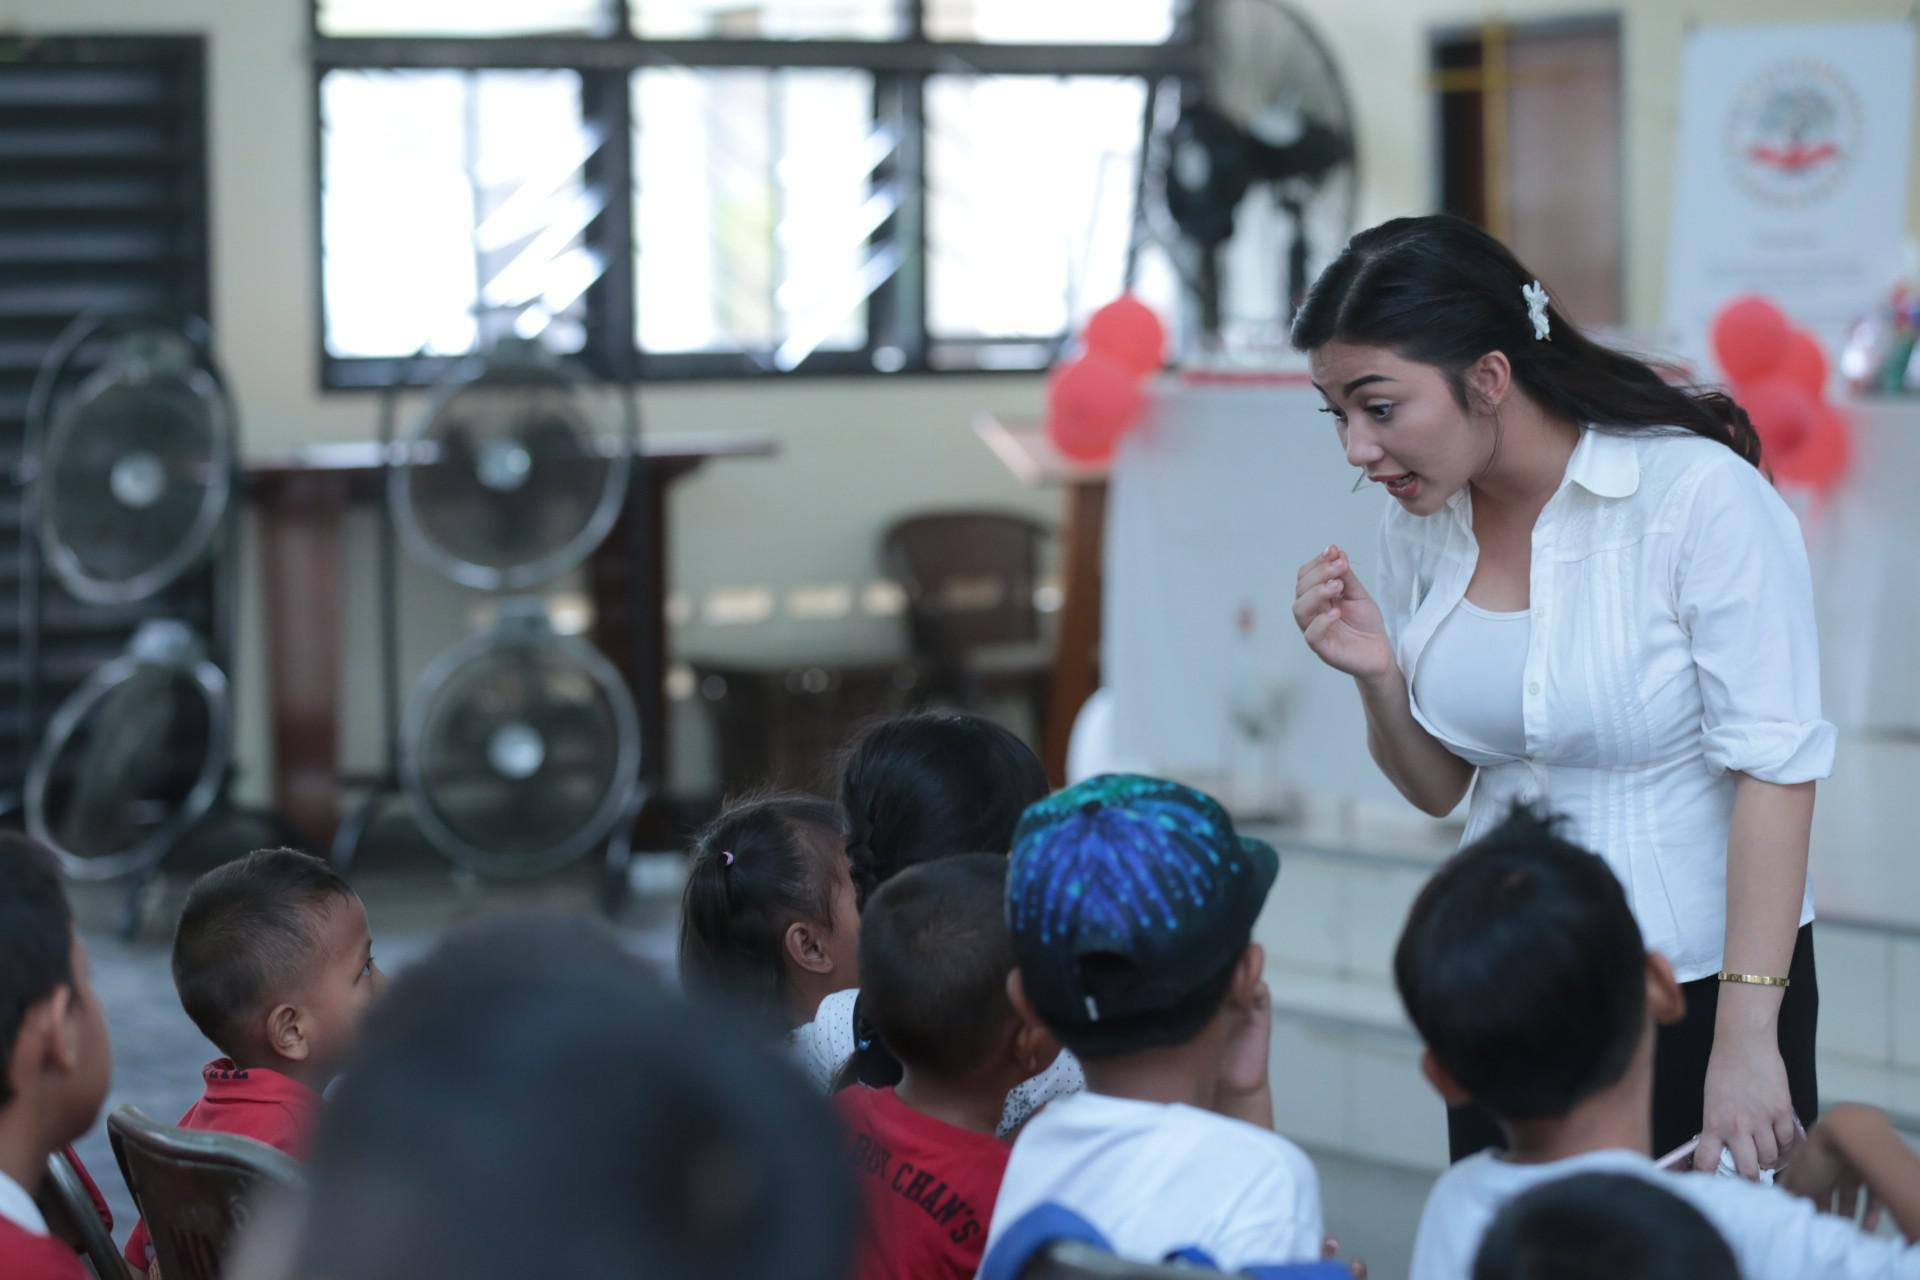 Ariel Tatum merayakan ulang tahun bersama anak-anak kurang mampu dari Yayasan Anak Negeri. Selasa (8/11/2016) acara di gelar di Aula Gereja Paroki Kawasan Rawamangun, Jakarta Timur. (Adrian Putra/Bintang.com)